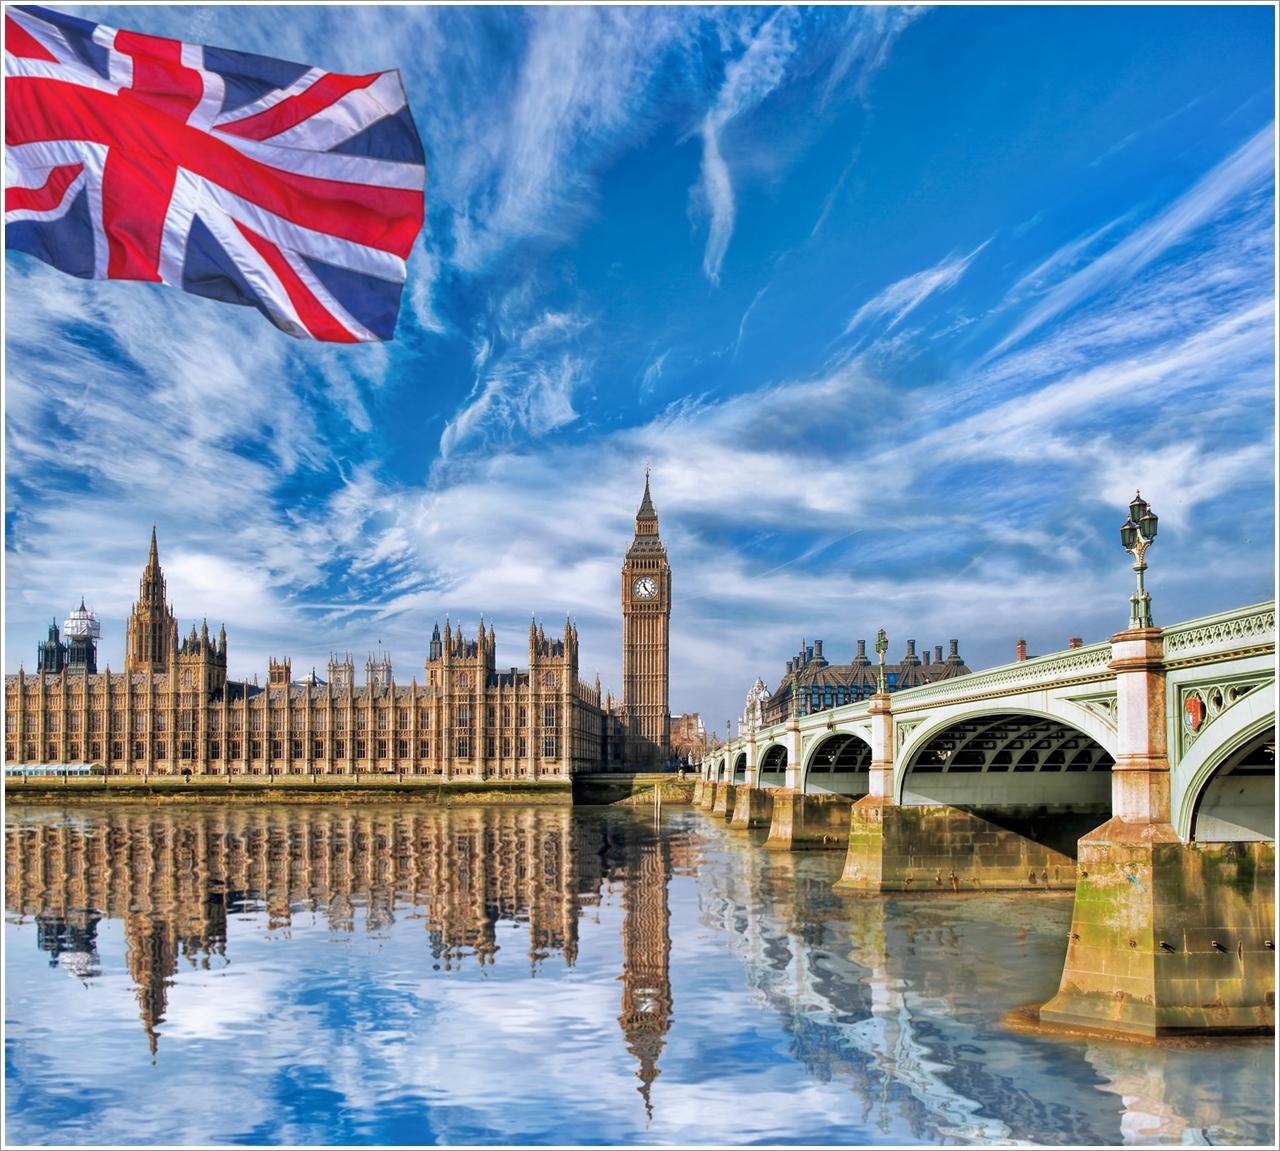 ทัวร์ยุโรป-ROMANTIC-UNITED-KINGDOM-อังกฤษ-เวลส์-สกอตแลนด์-10วัน-7คืน-(FEB-JUN20)(GQ3LHR-TG005)